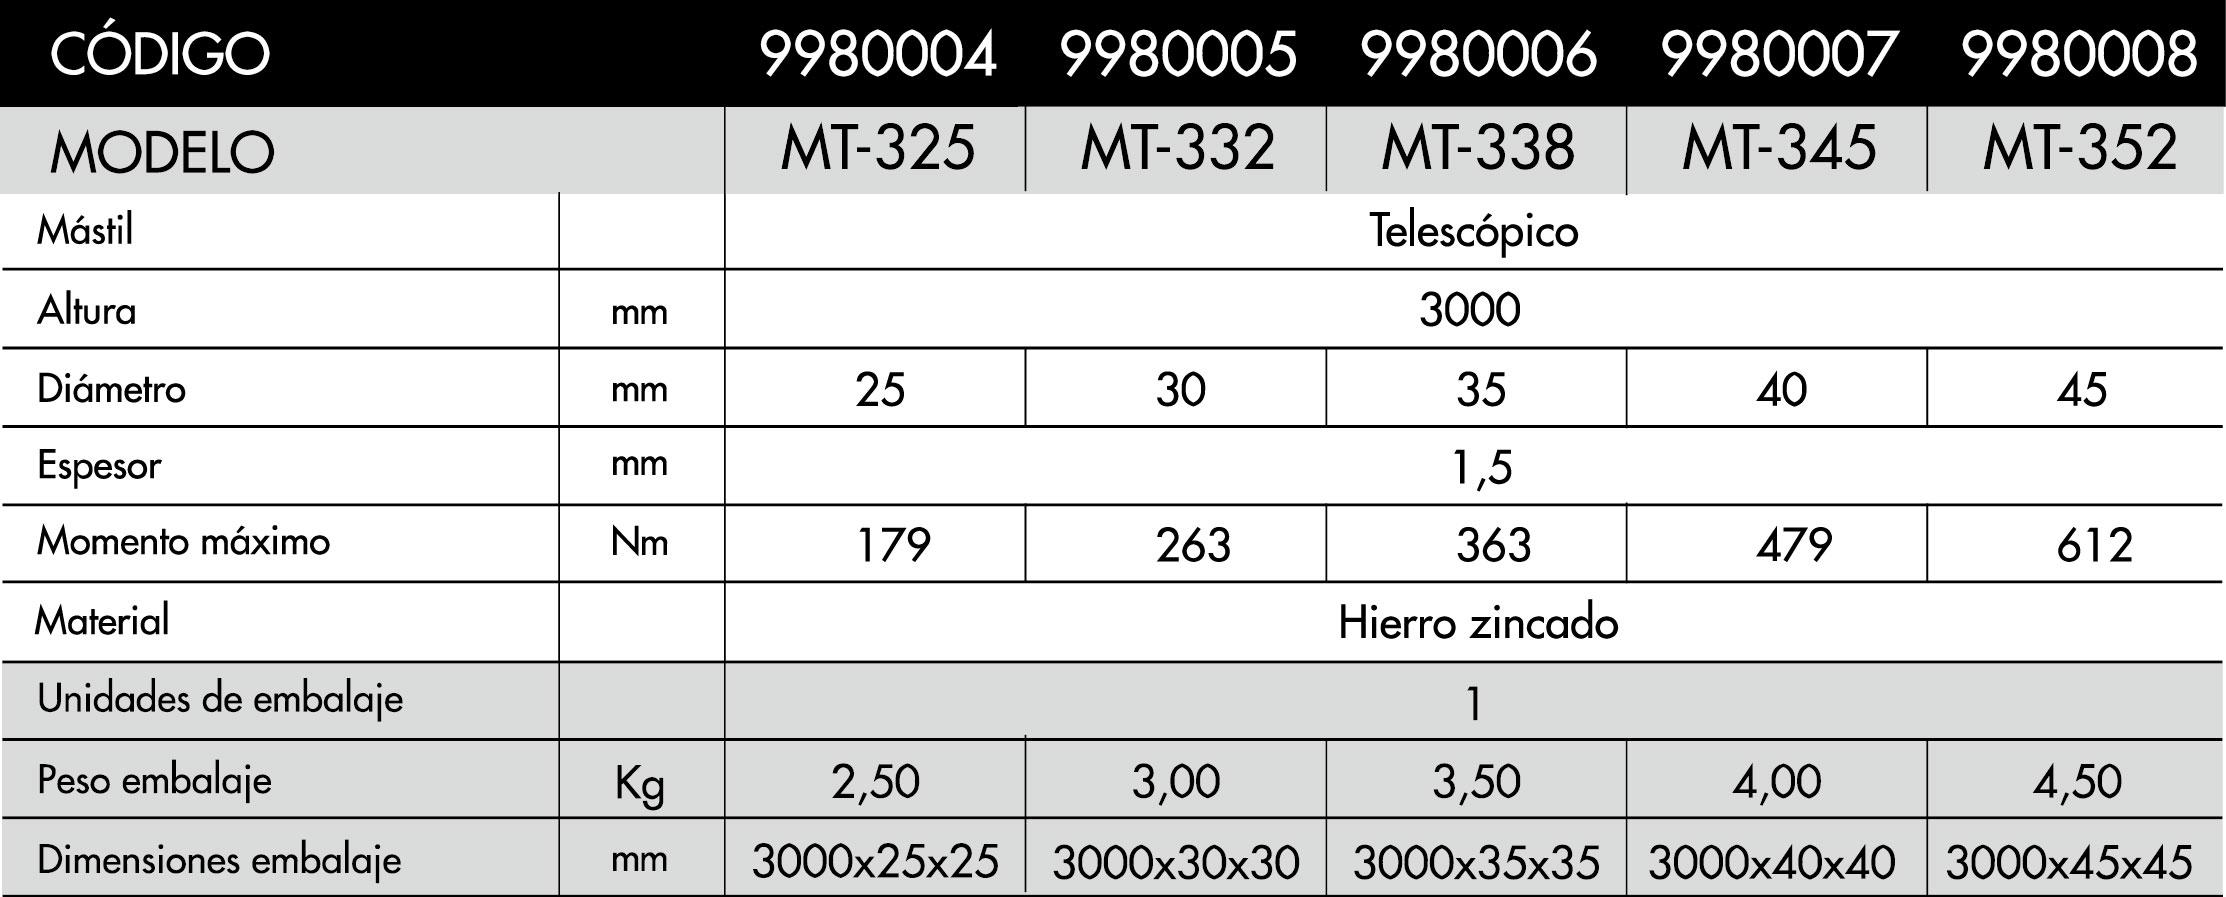 9980008-tablaES.jpg